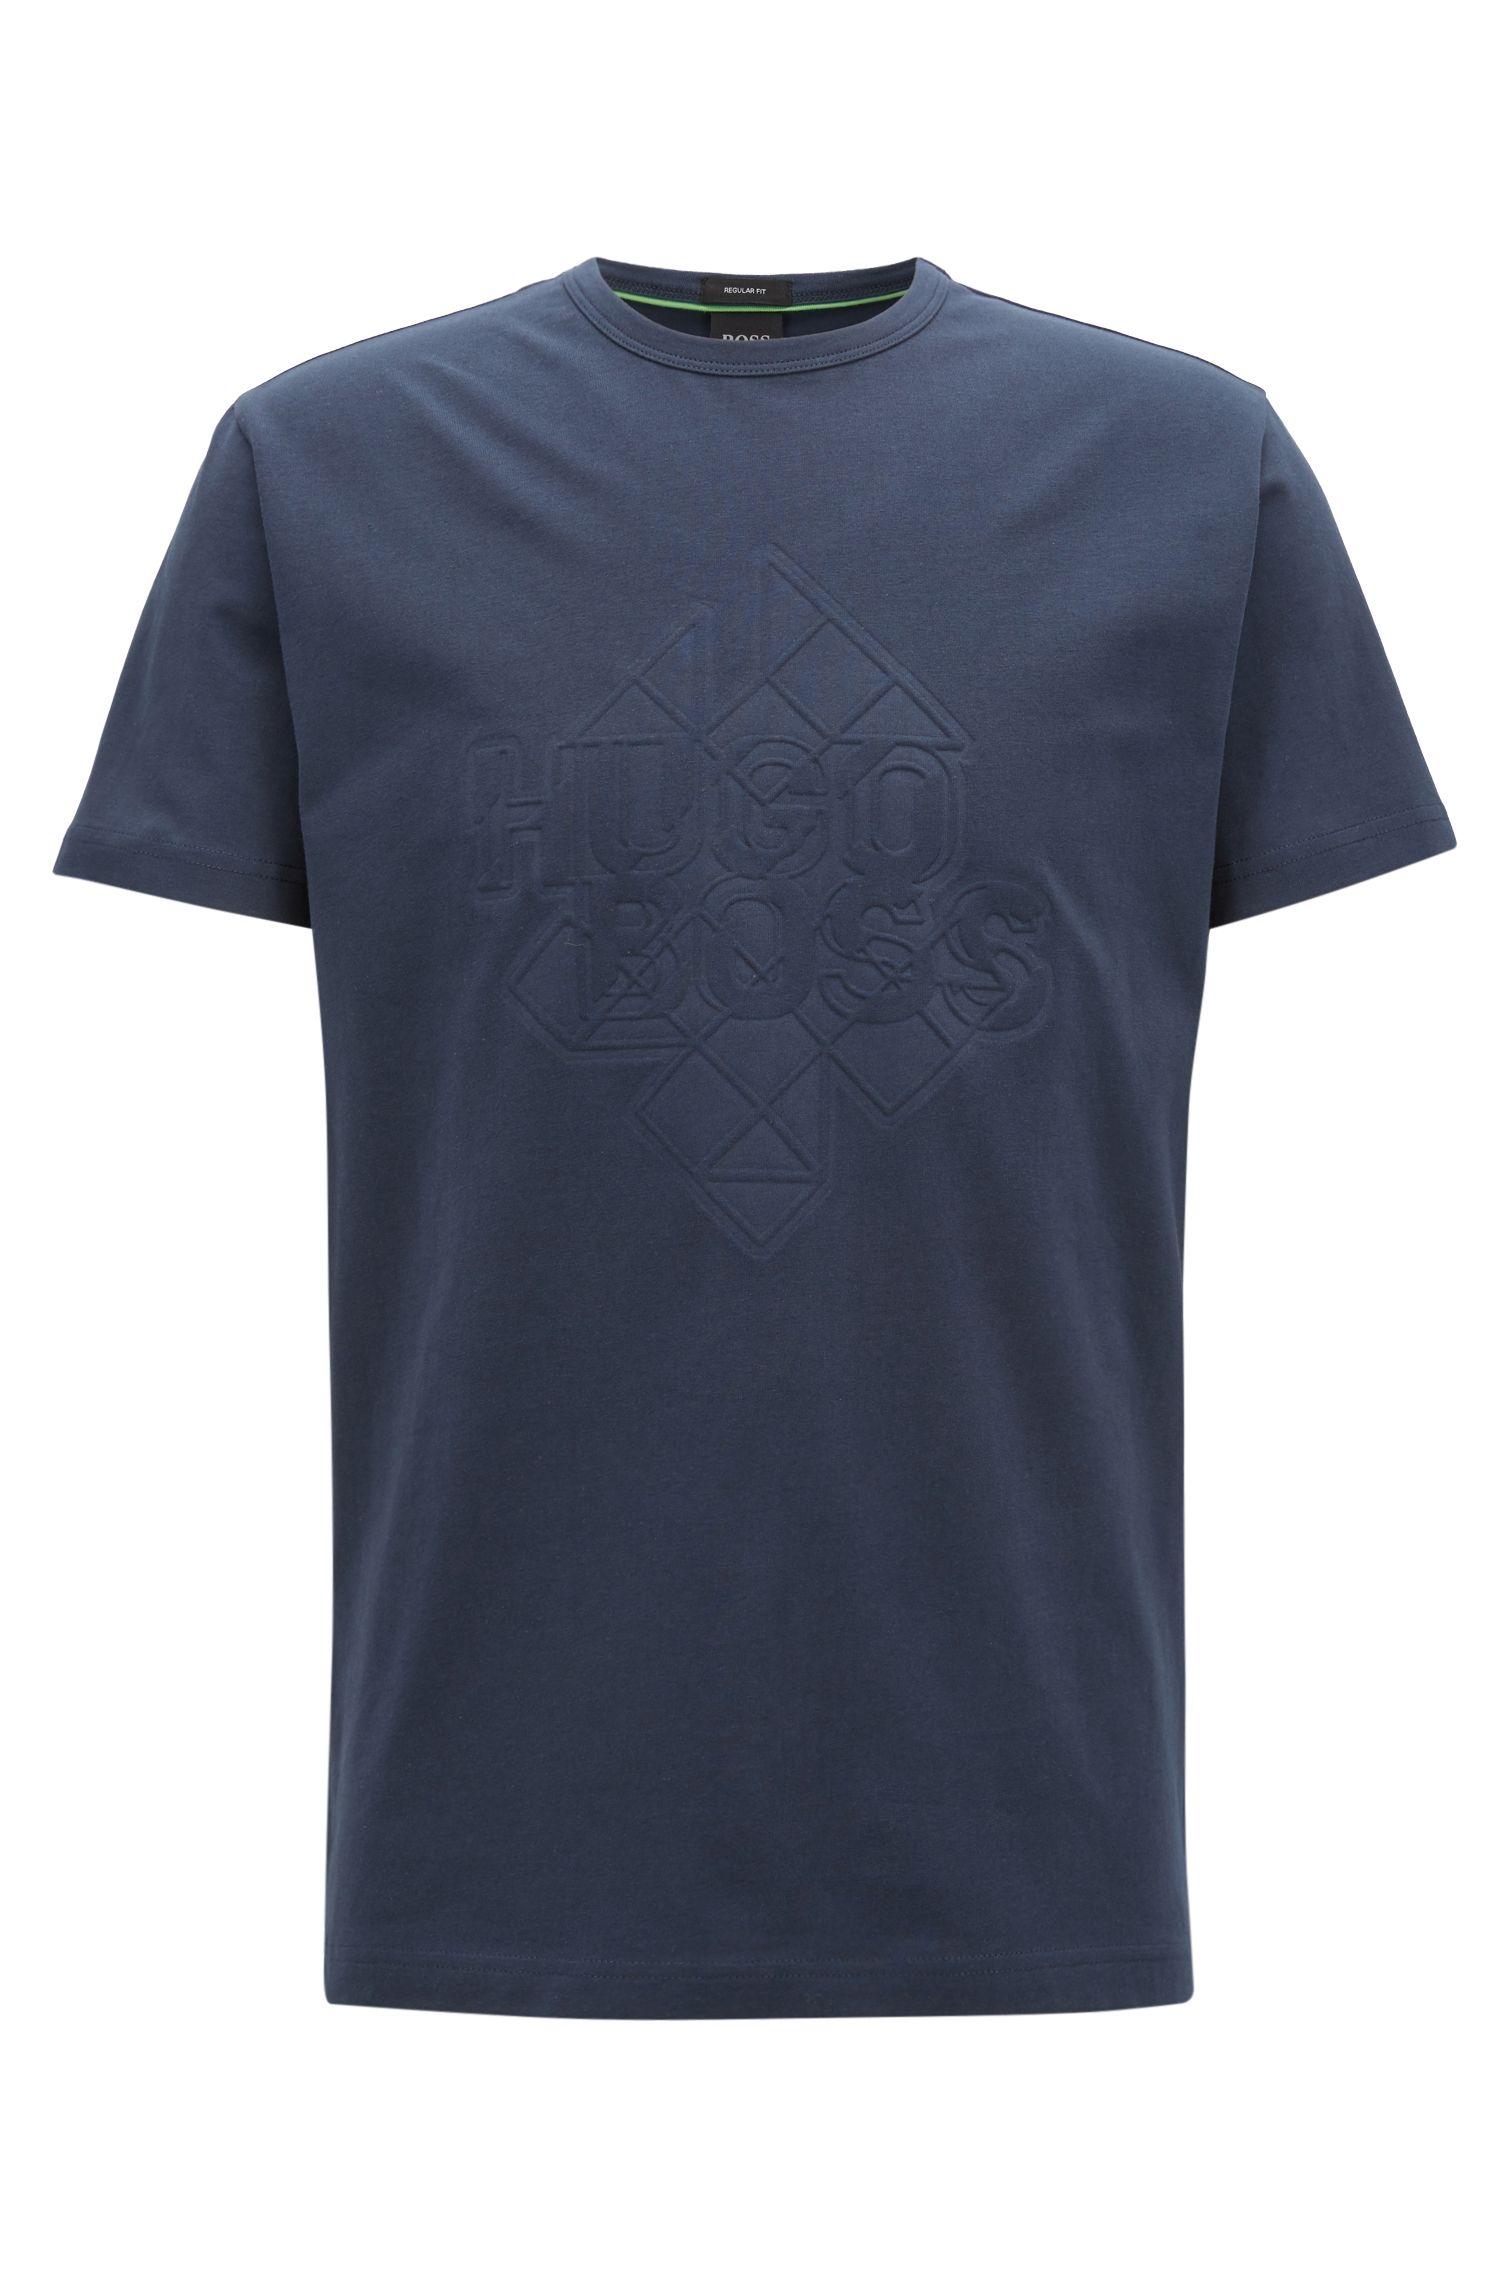 T-shirt in cotone elasticizzato con decorazione goffrata